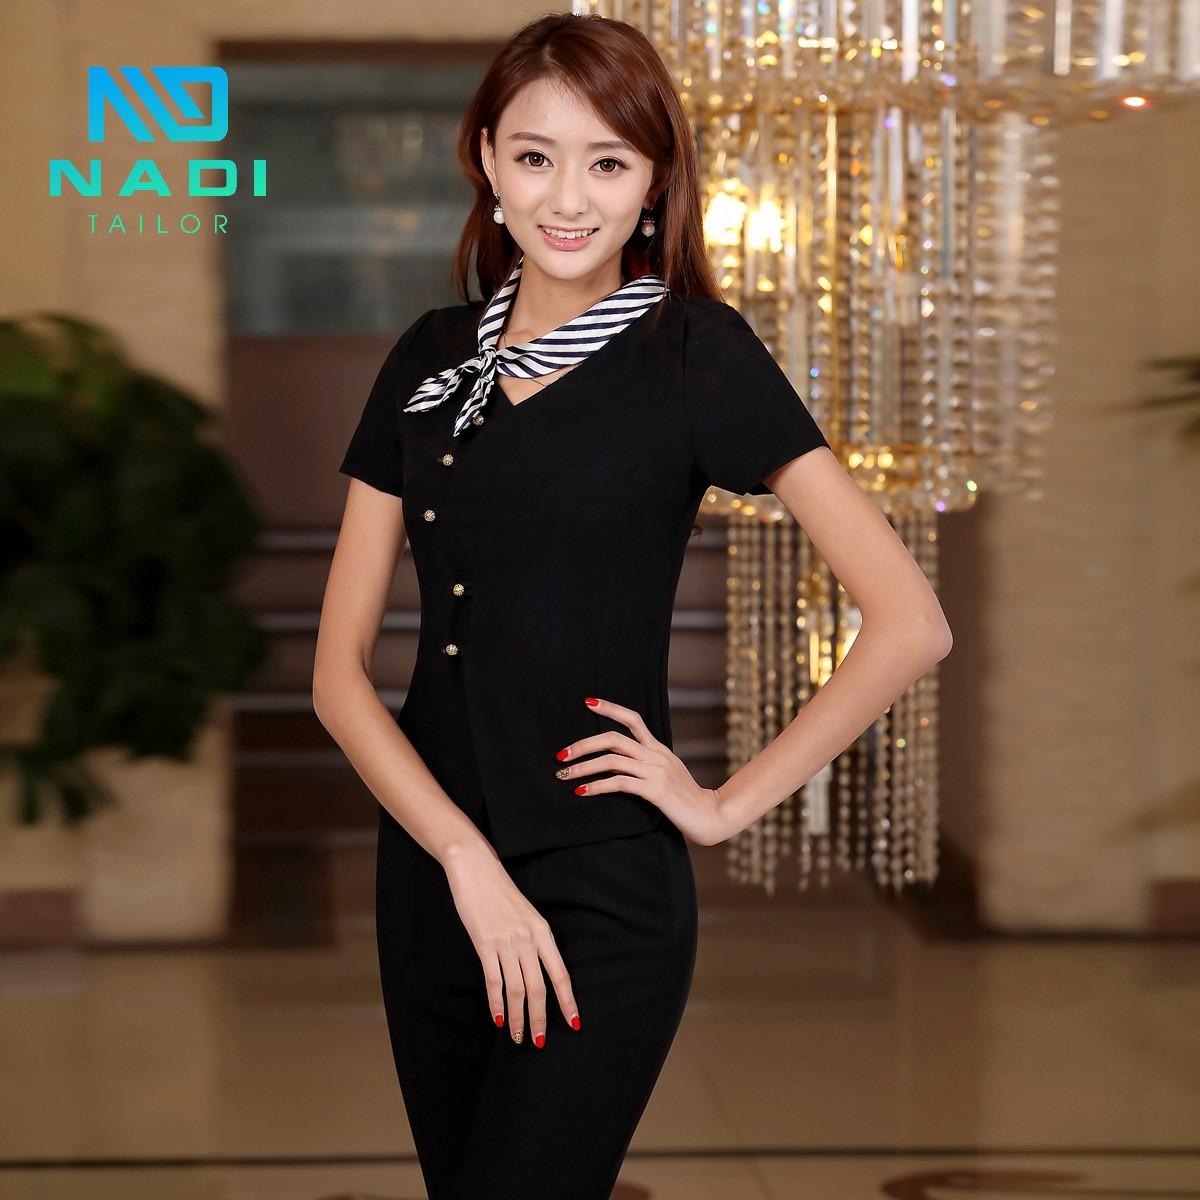 Set đồ màu đen kèm nơ sọc vằn là sự kết hợp chuyên nghiệp và cực kì chỉn chu